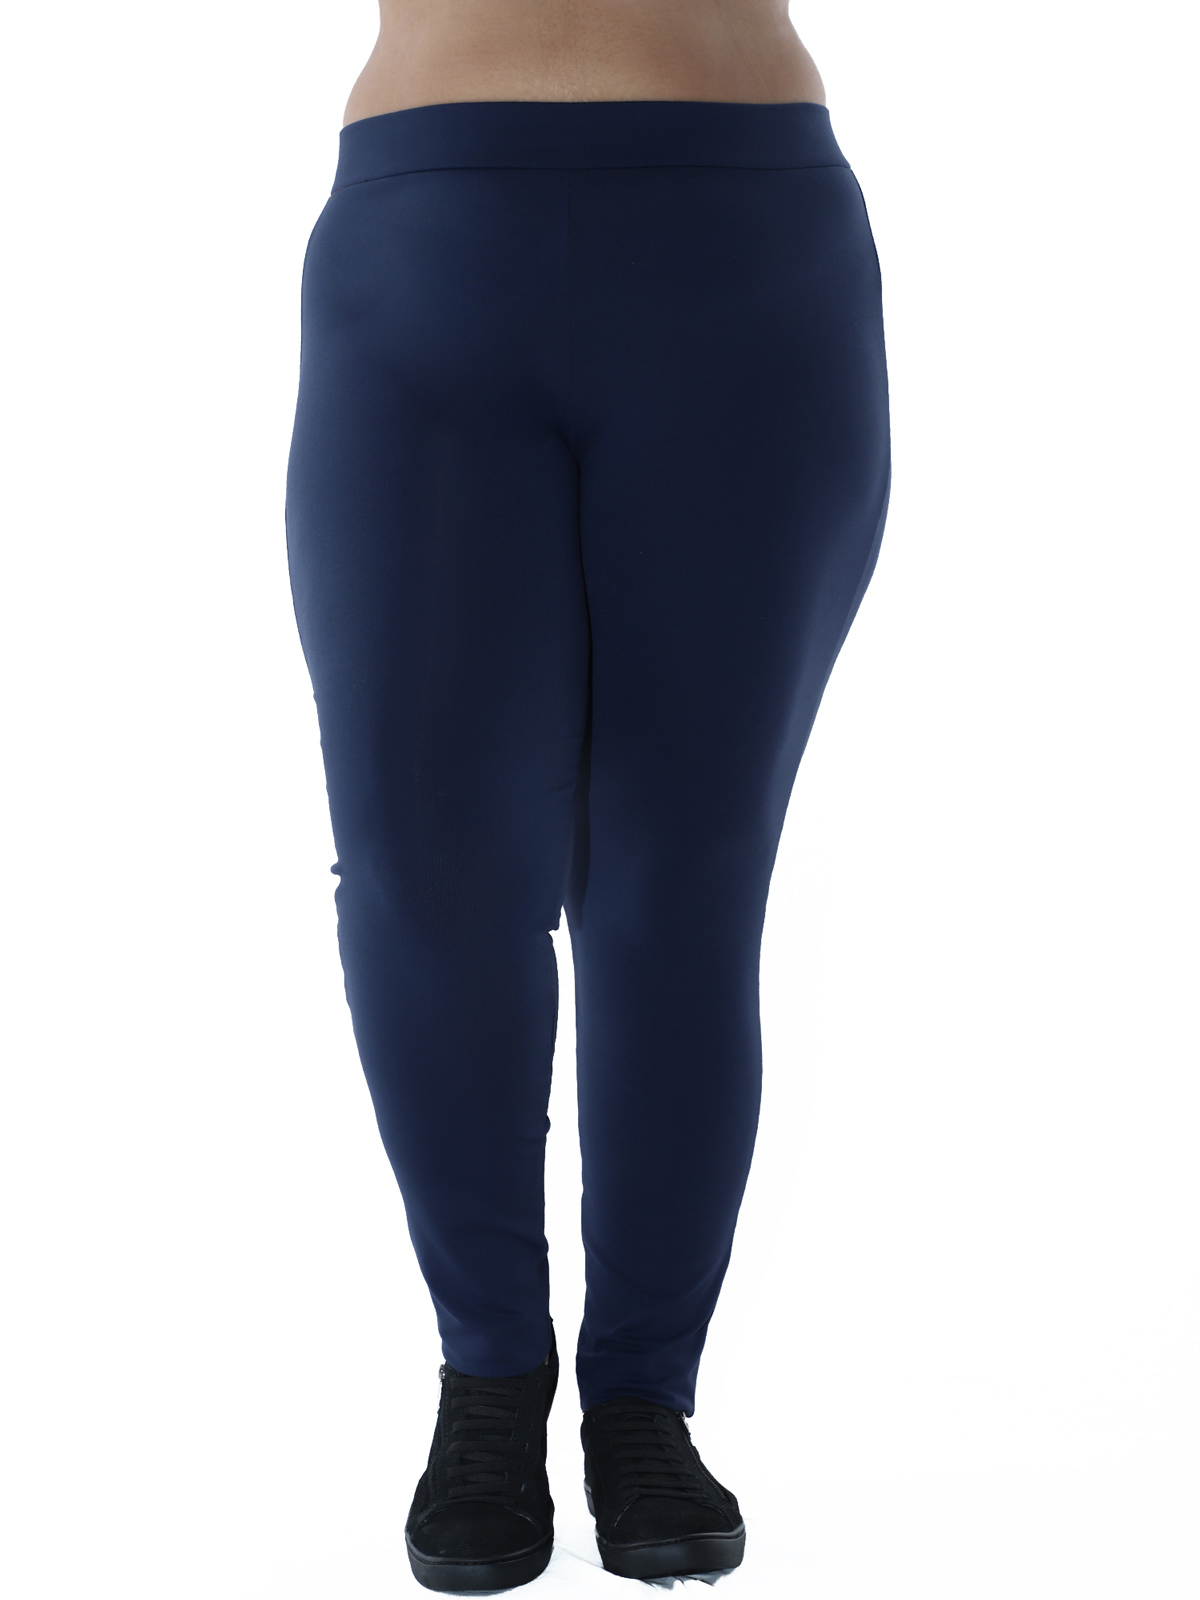 Kit 3 Calças Legging Plus Size PRETO, AZUL MARINHO, MESCLA